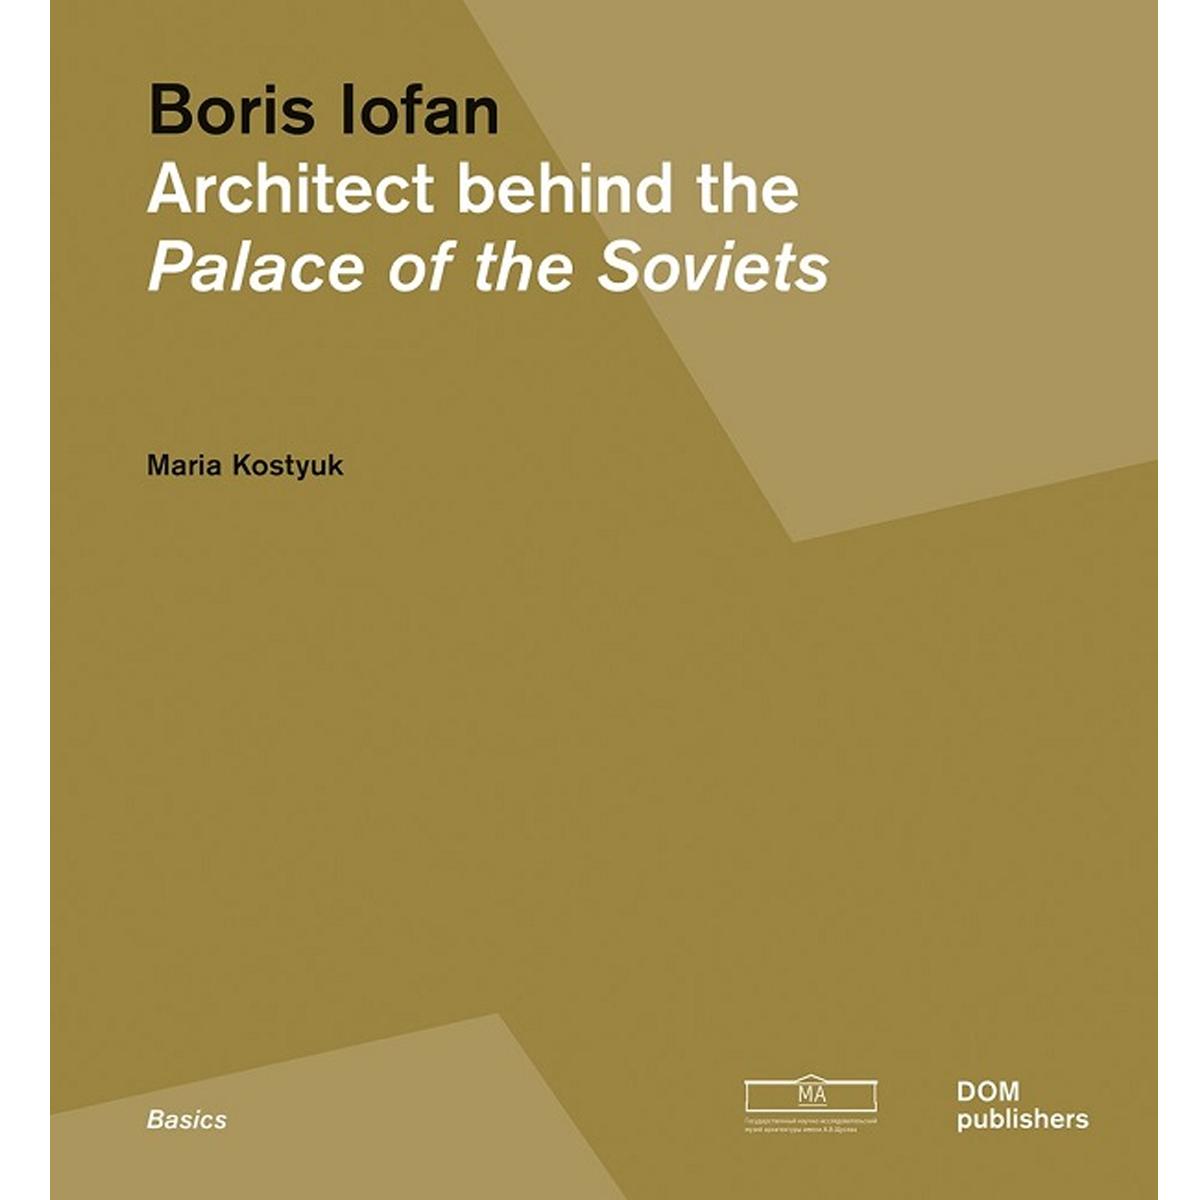 Boris Iofan